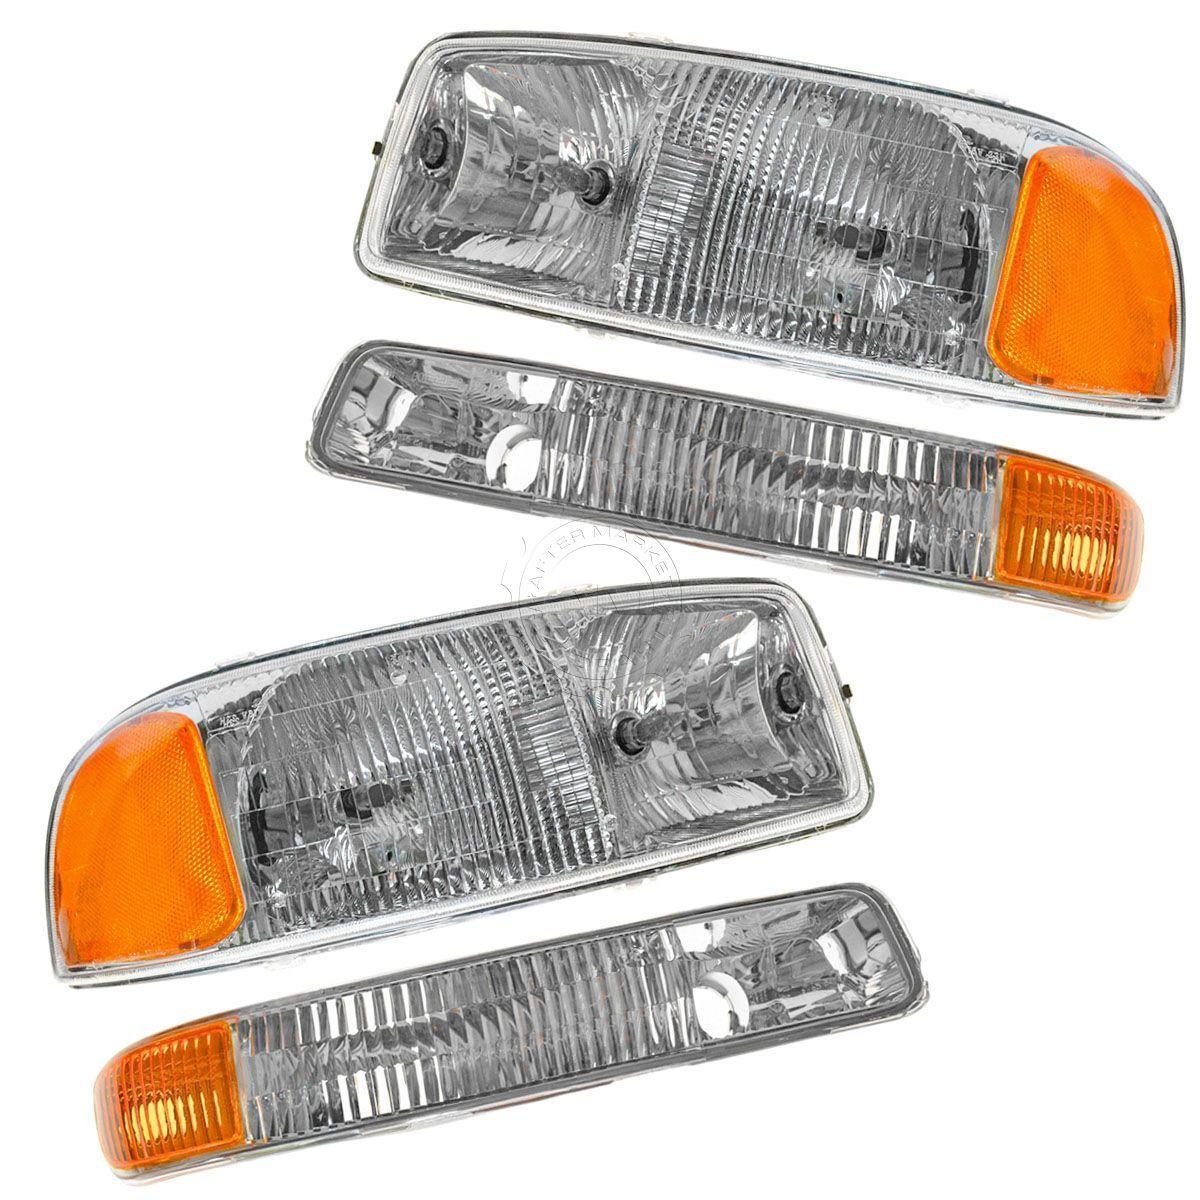 コーナーライト Headlight Headlamp & Corner Parking Lights Set Kit for GMC Sierra Truck Yukon ヘッドライトヘッドランプ& GMC Sierra Truckユーコンのコーナーパーキングライトセットキット